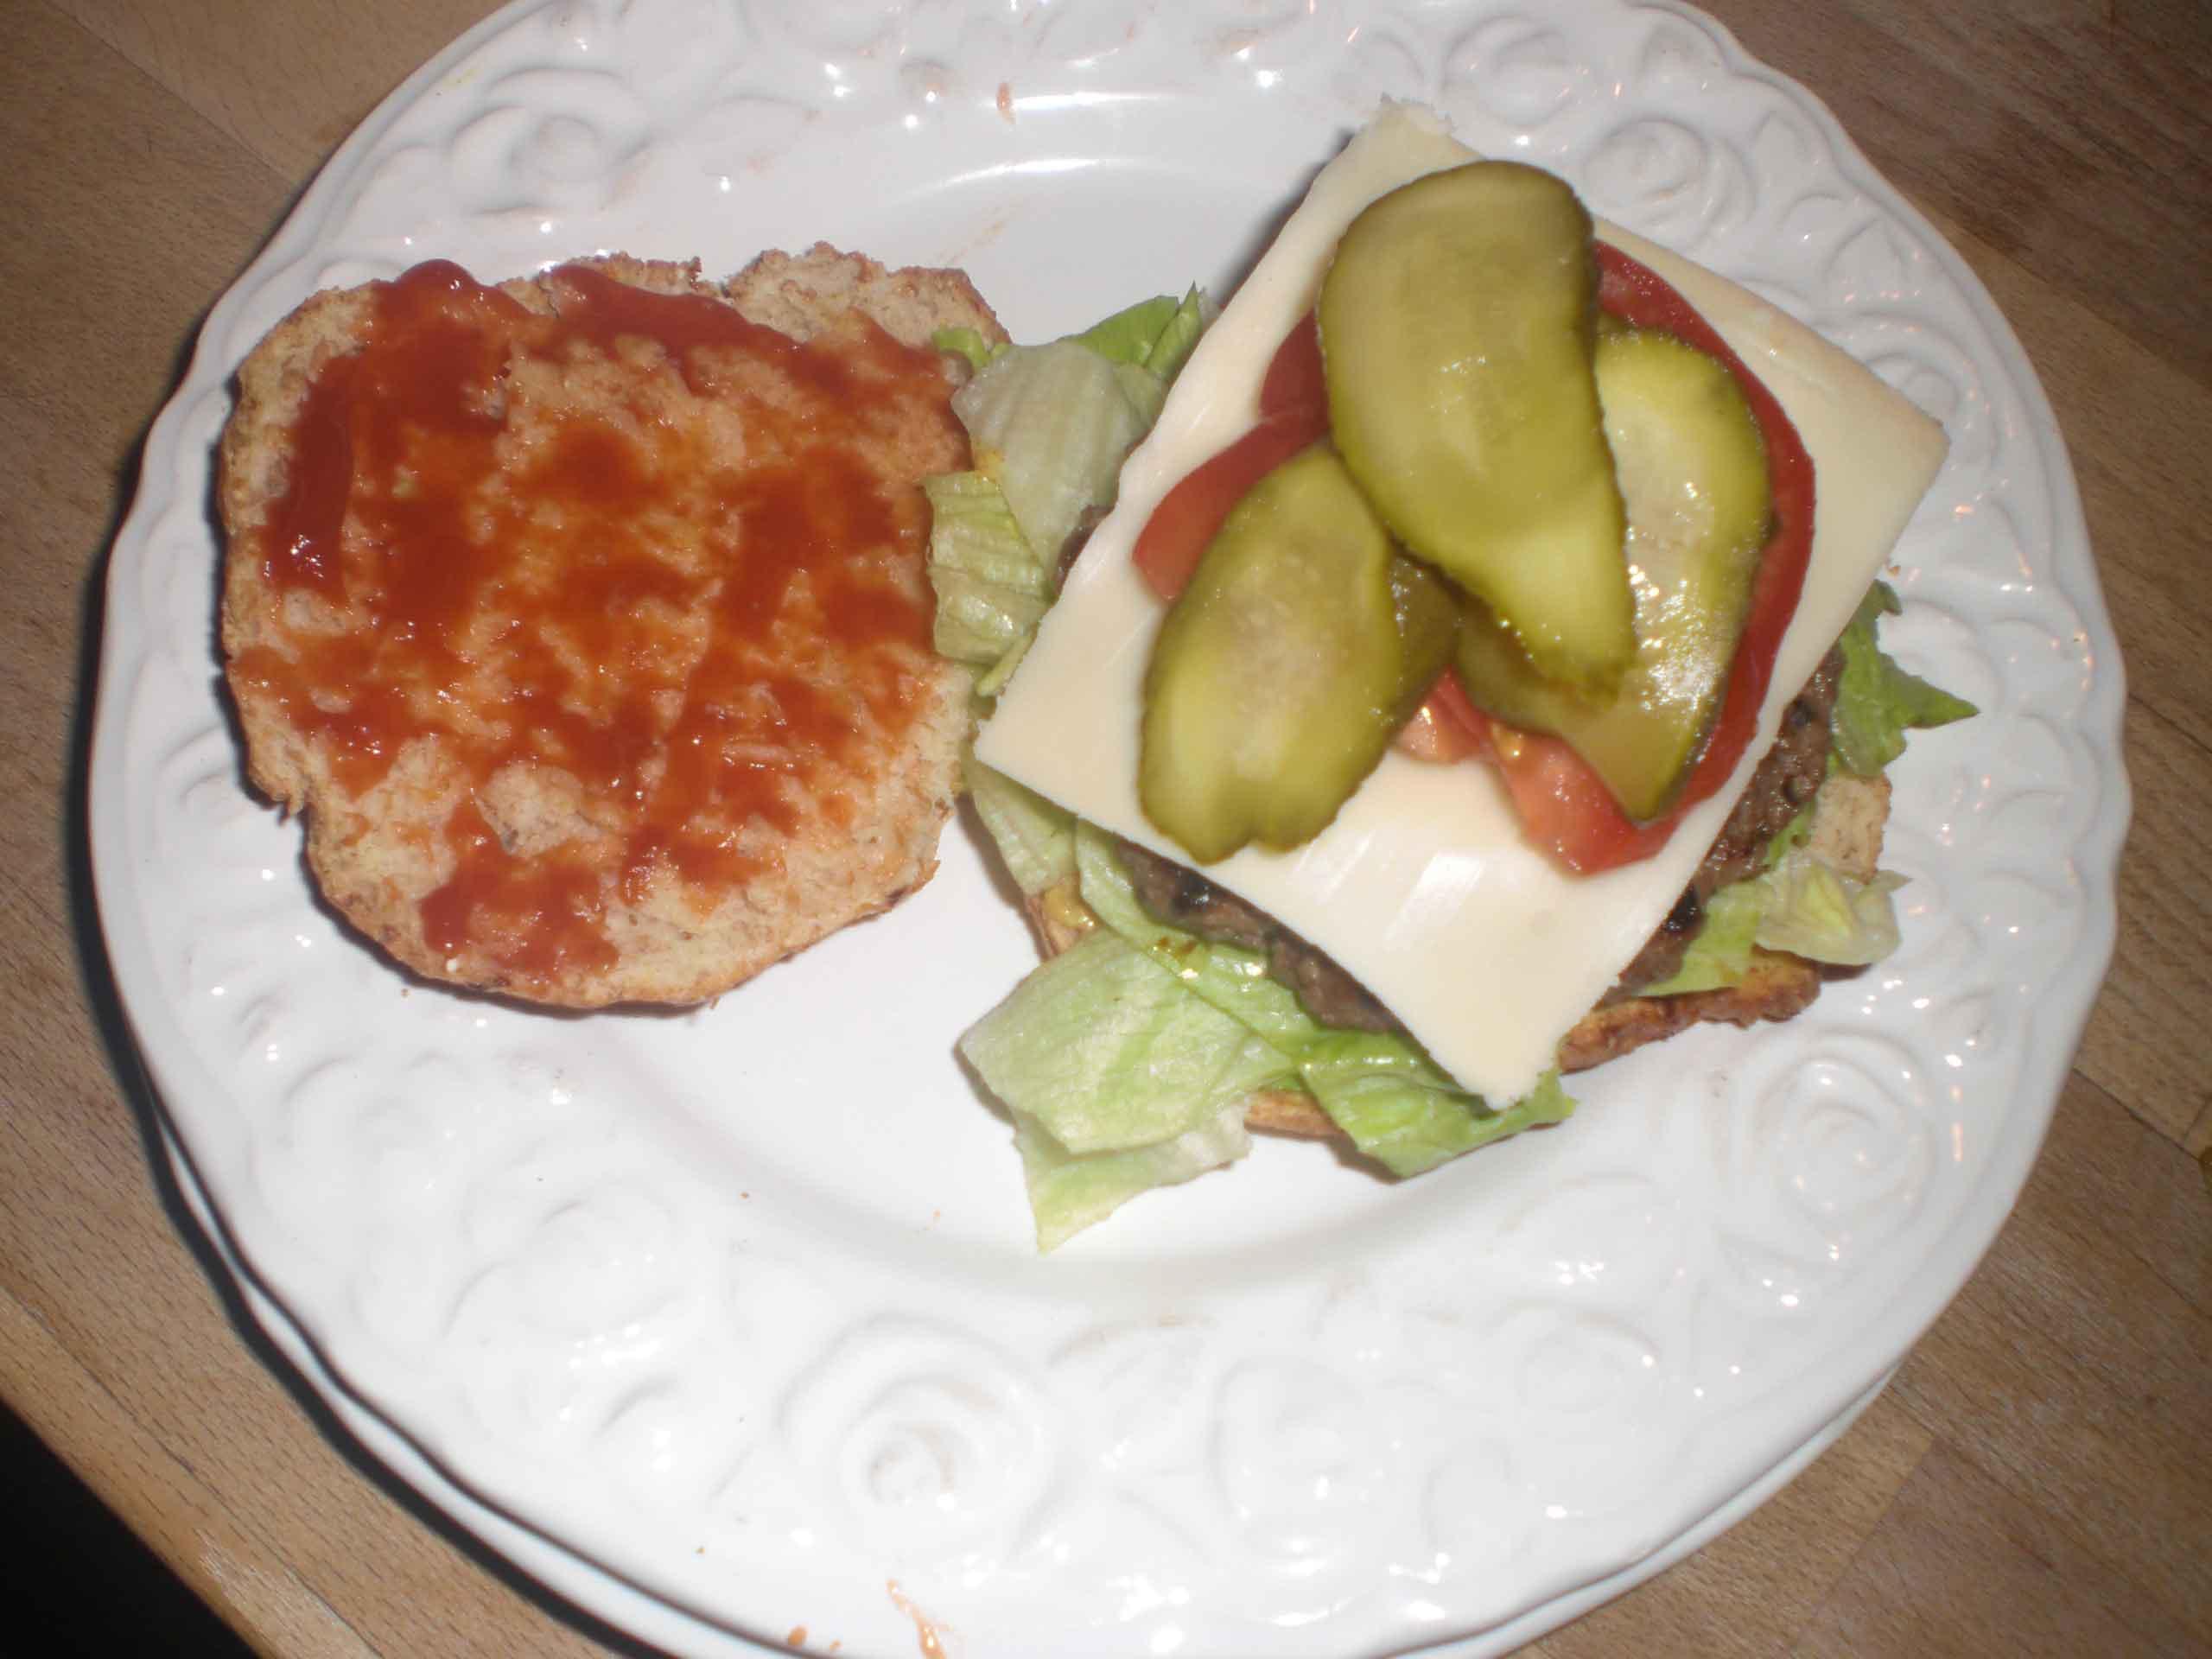 Læg evt. ost på og til sidst tomat og agurk.